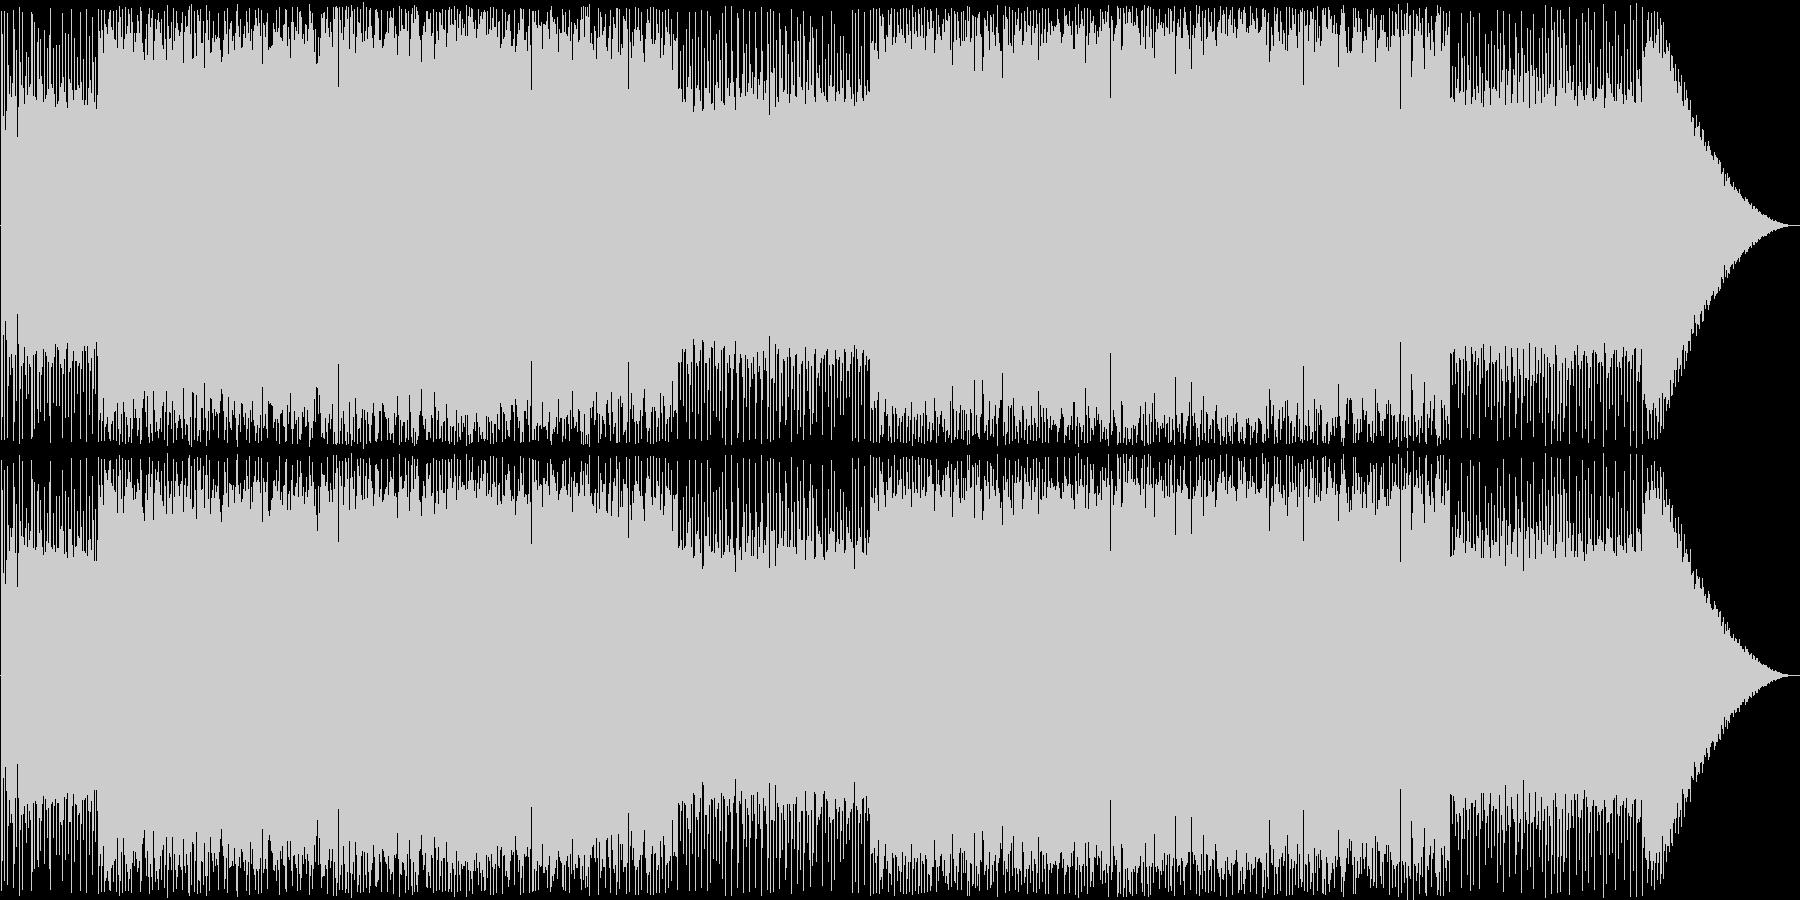 ファミコンダンジョン曲。の未再生の波形